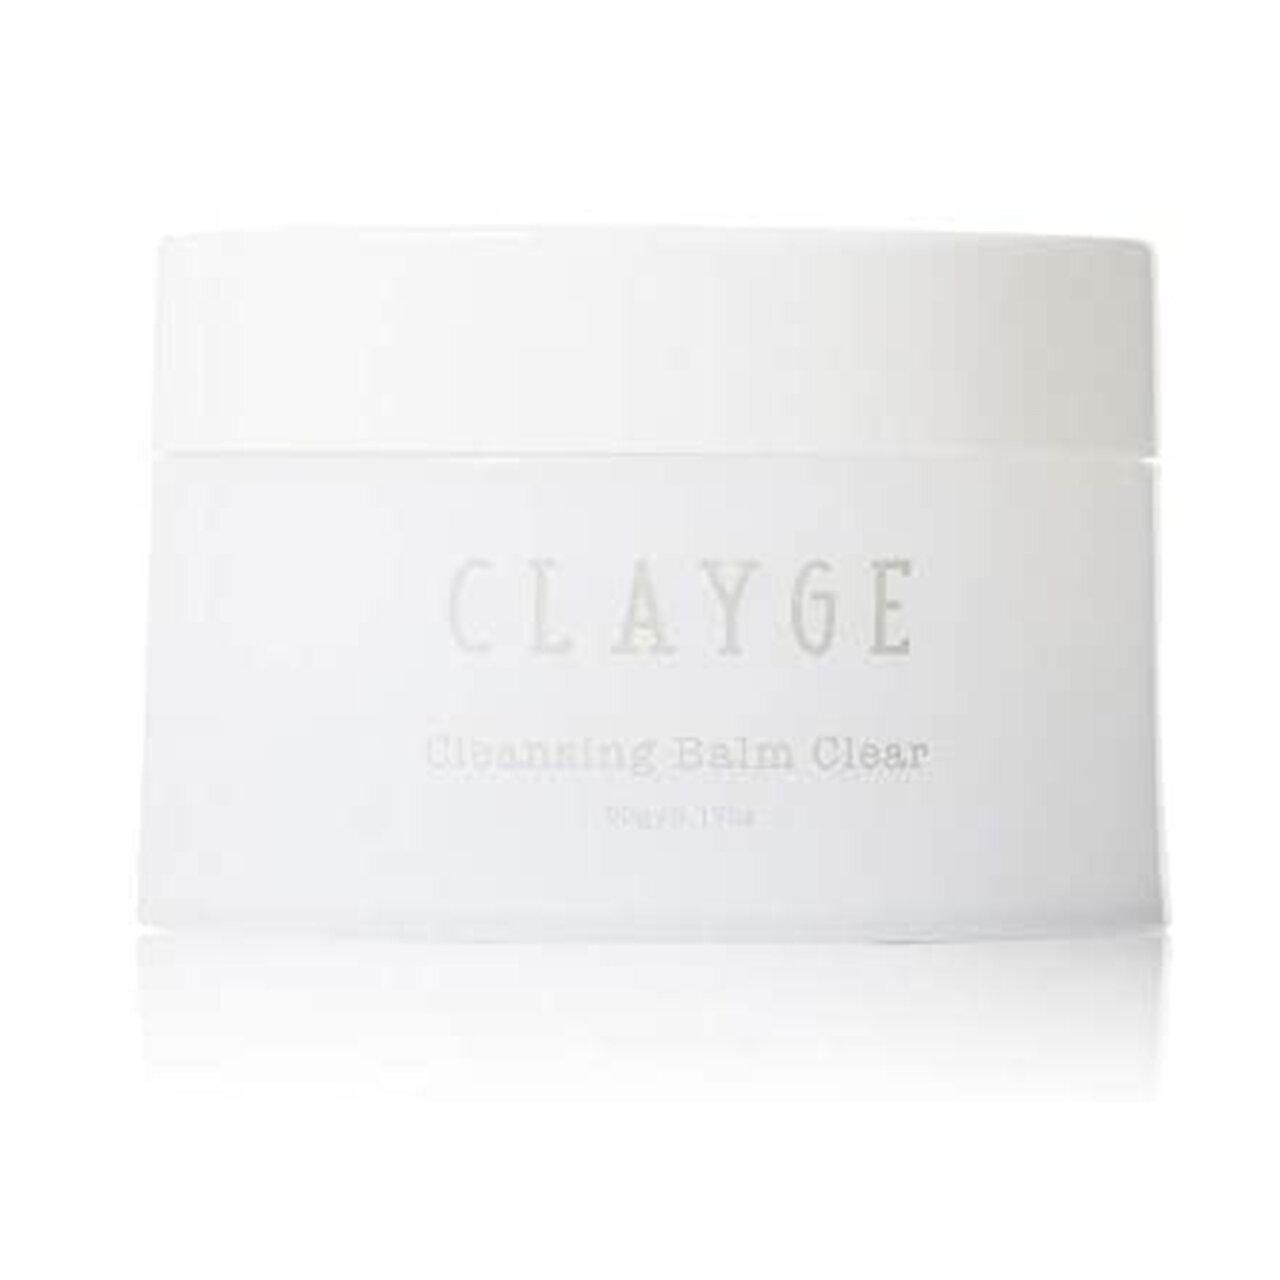 CLAYGE/クレージュ クレンジングバームクリア